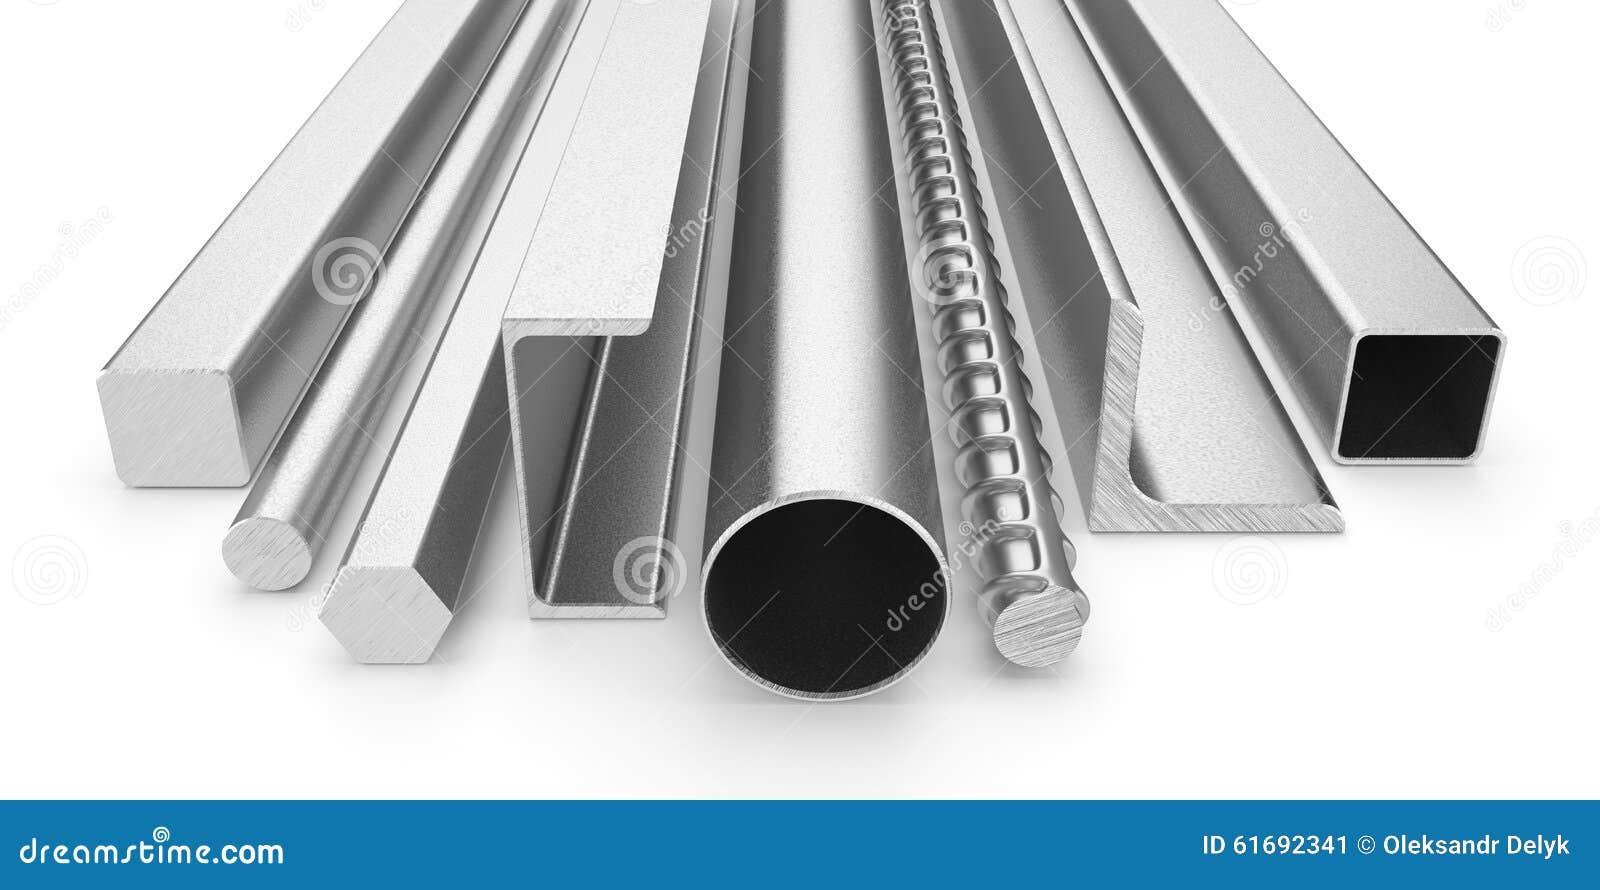 Rostfritt stålprodukter